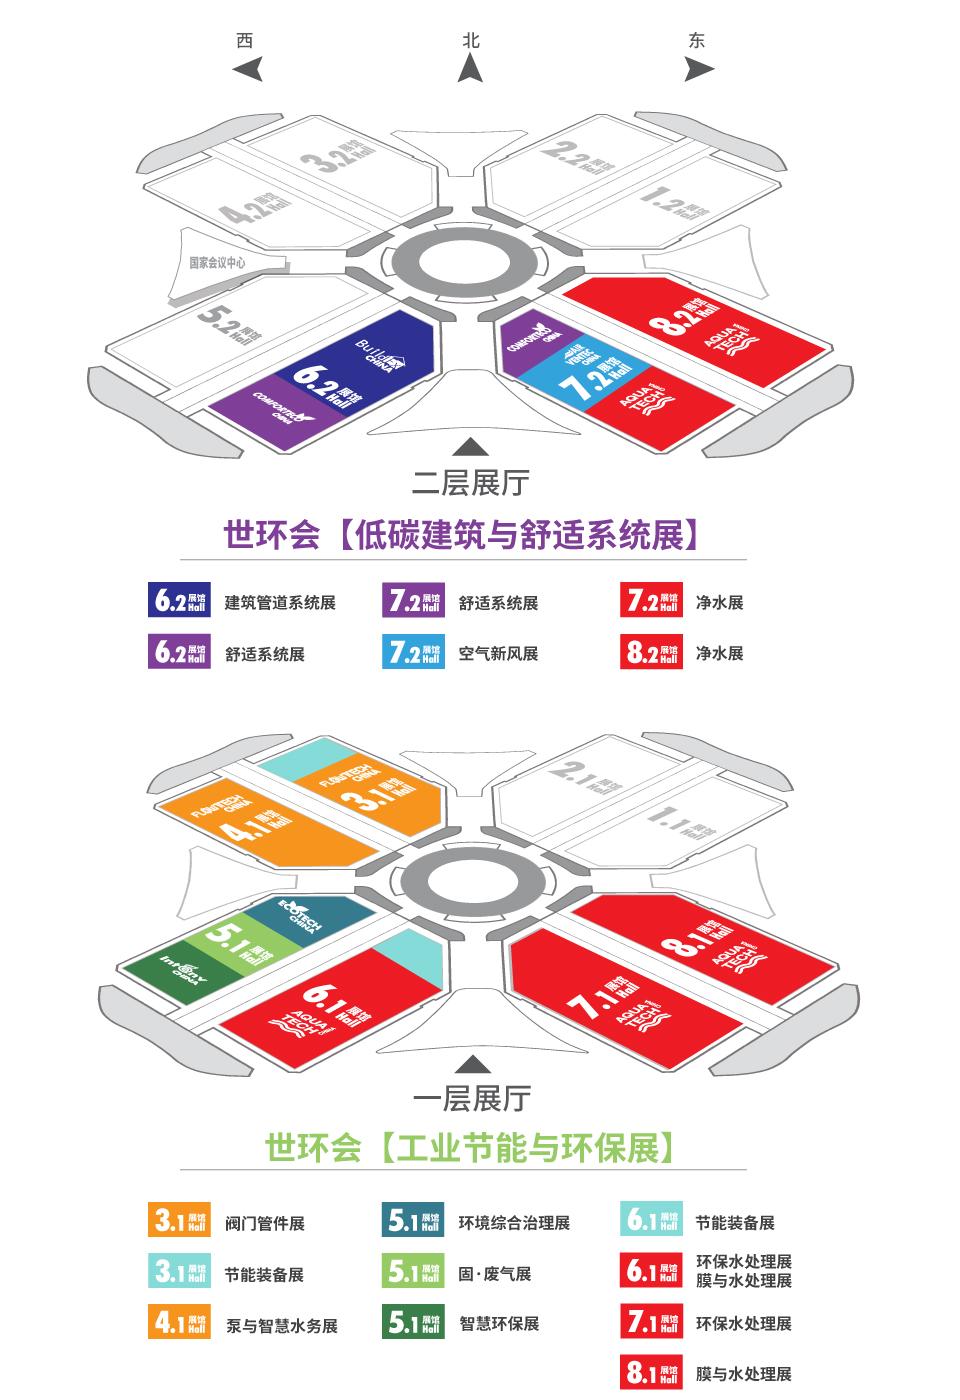 展馆分布-上海空气新风展 AIRVENTEC CHINA 2022.6.8-10新风系统 通风设备 空气净化